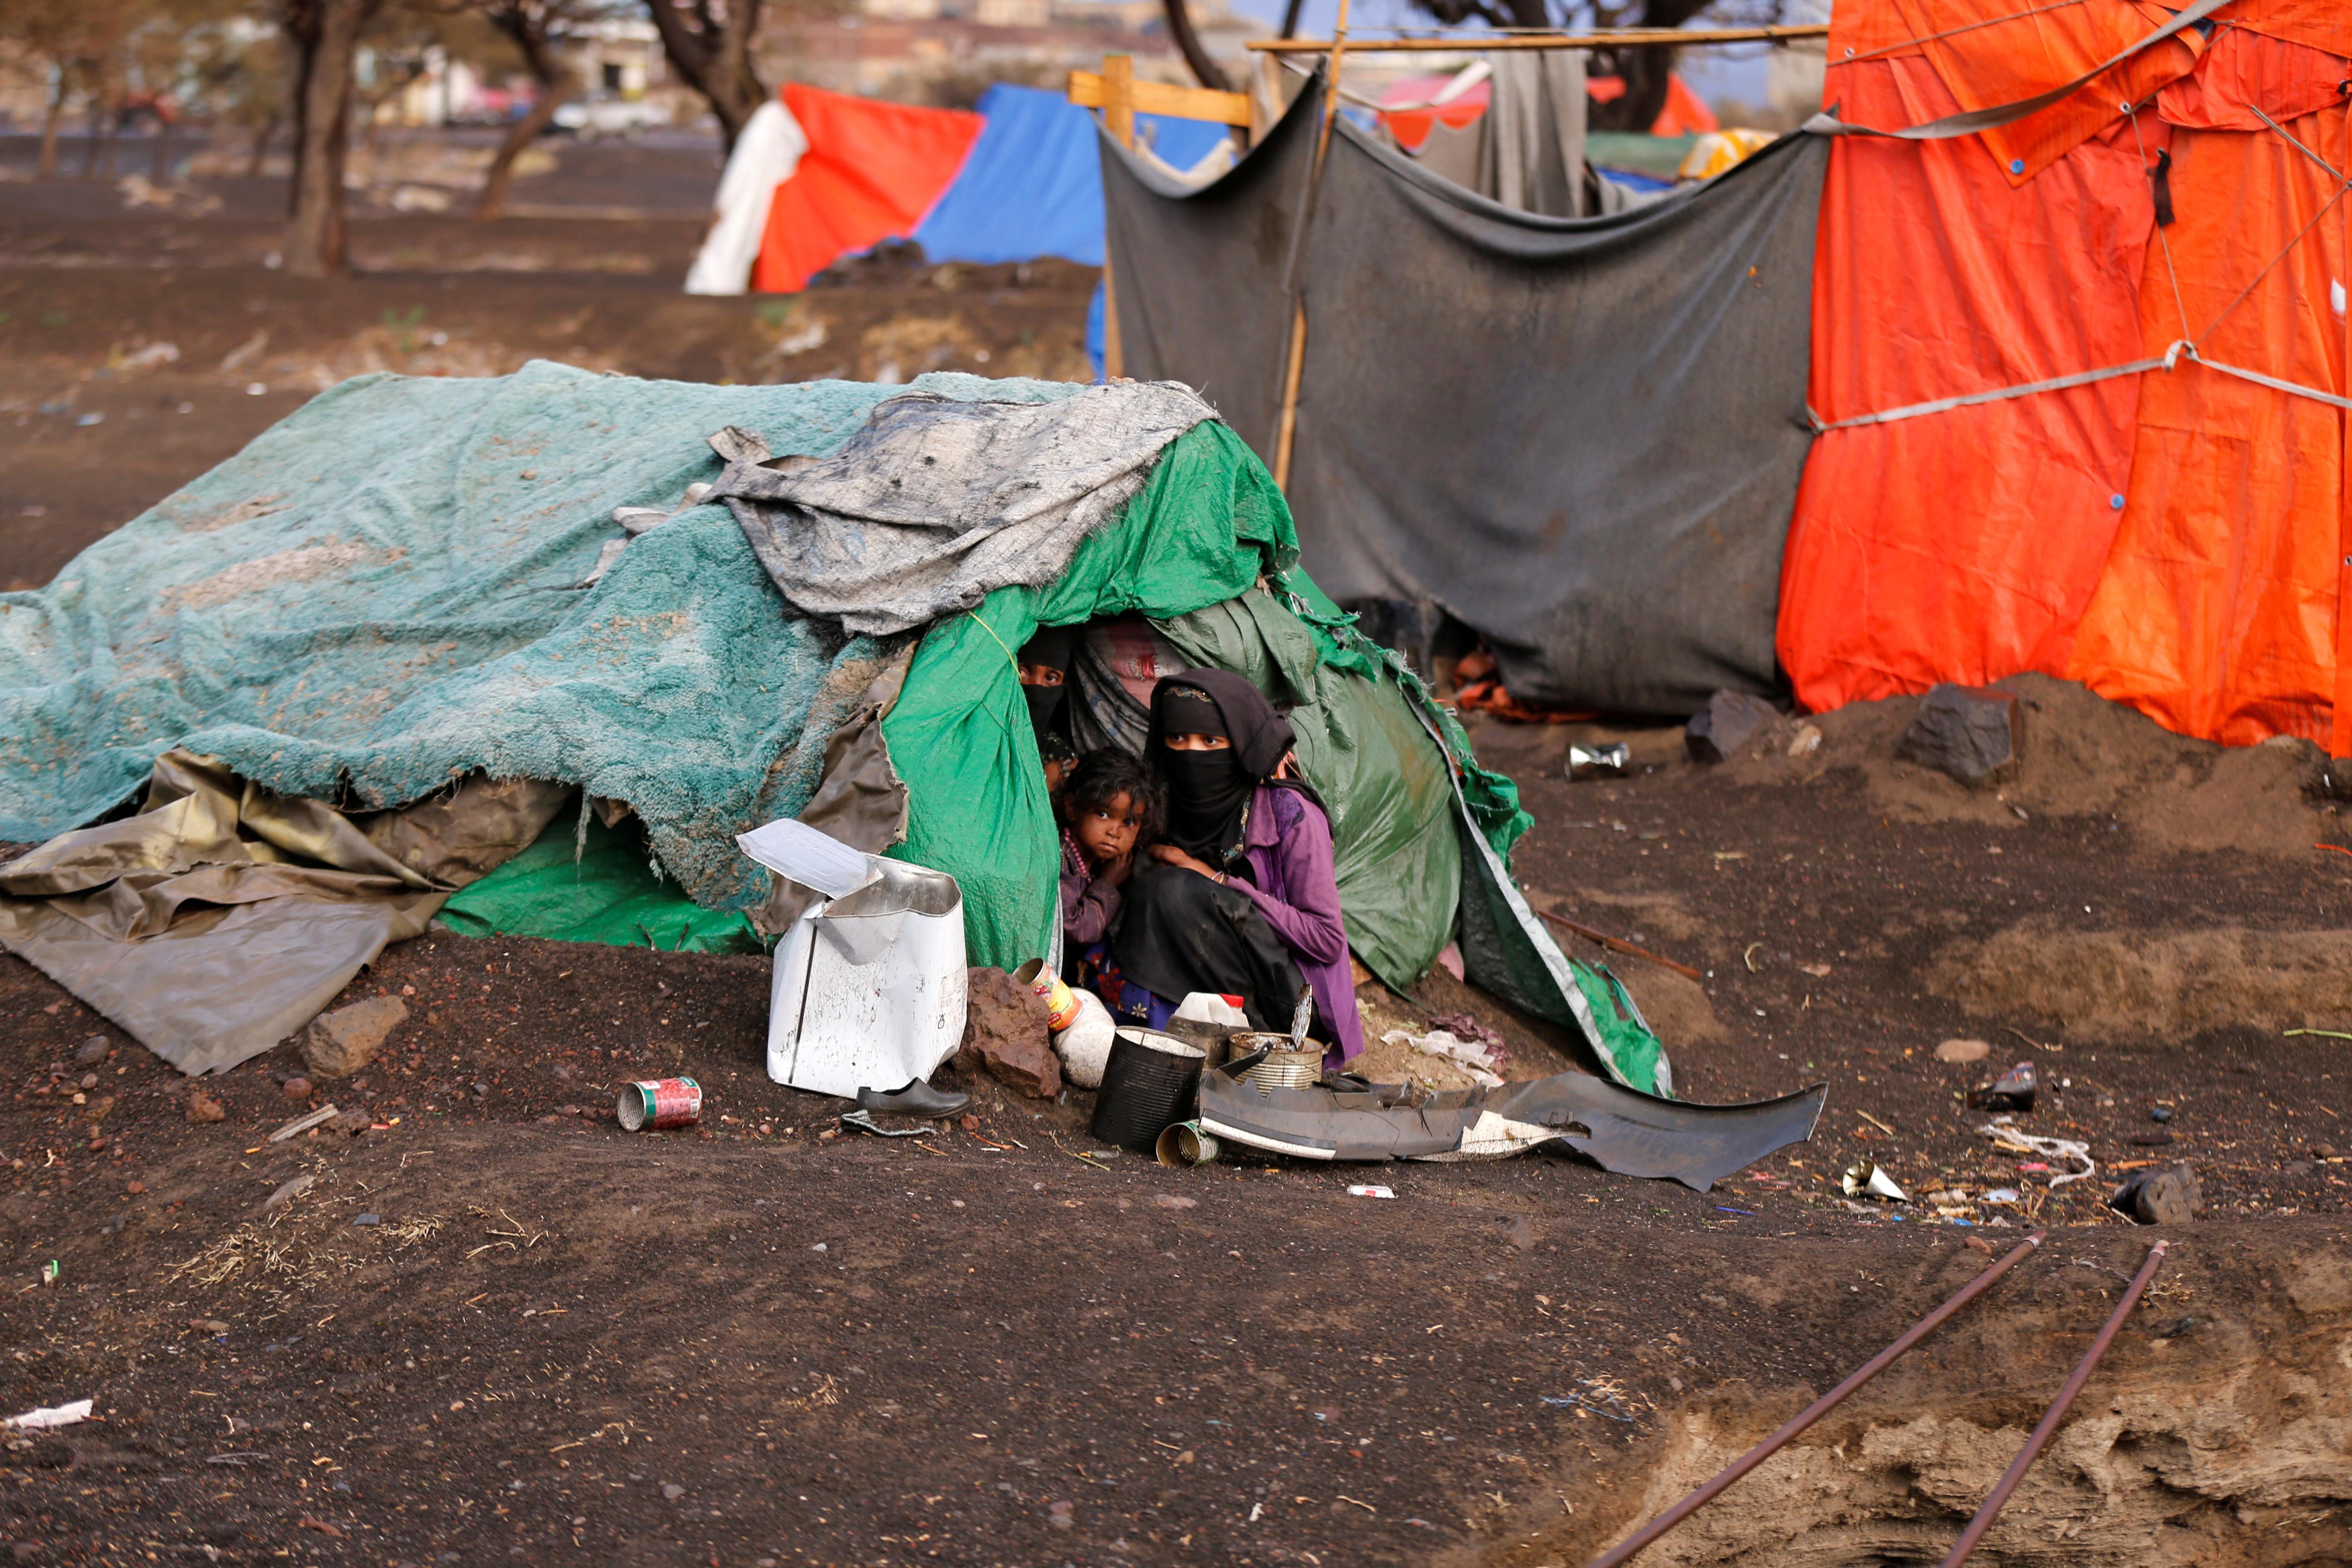 امرأة يمنية وأطفالها يجلسون في خيمتهم بمخيم للنازحين بالقرب من العاصمة صنعاء